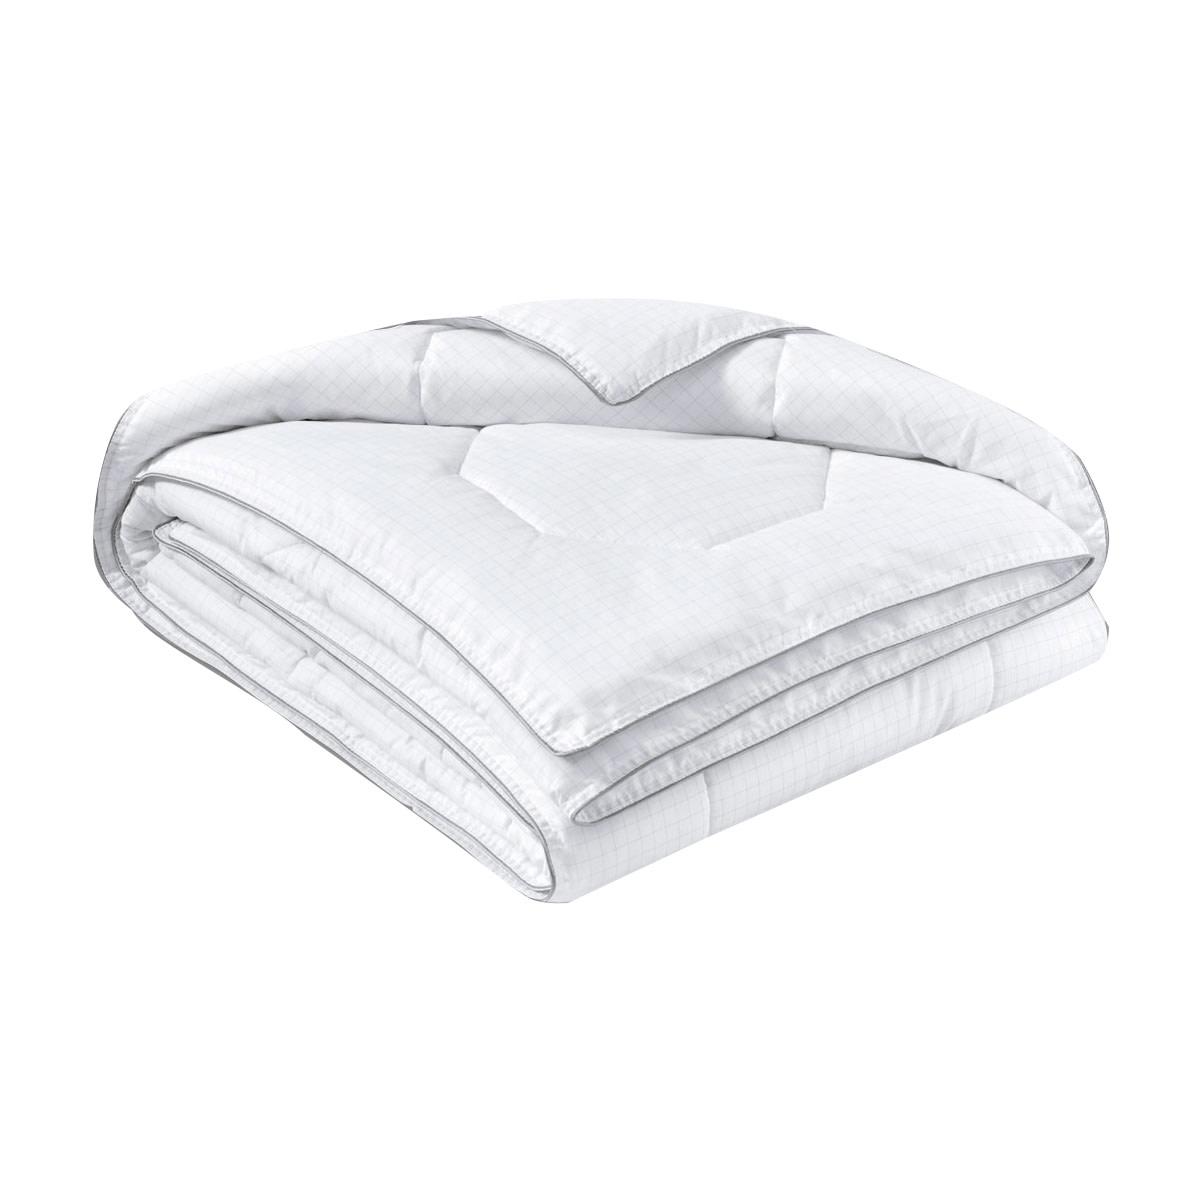 Одеяло Arya home collection Anti-Stres Nano 215х195 см микрогелевое волокно